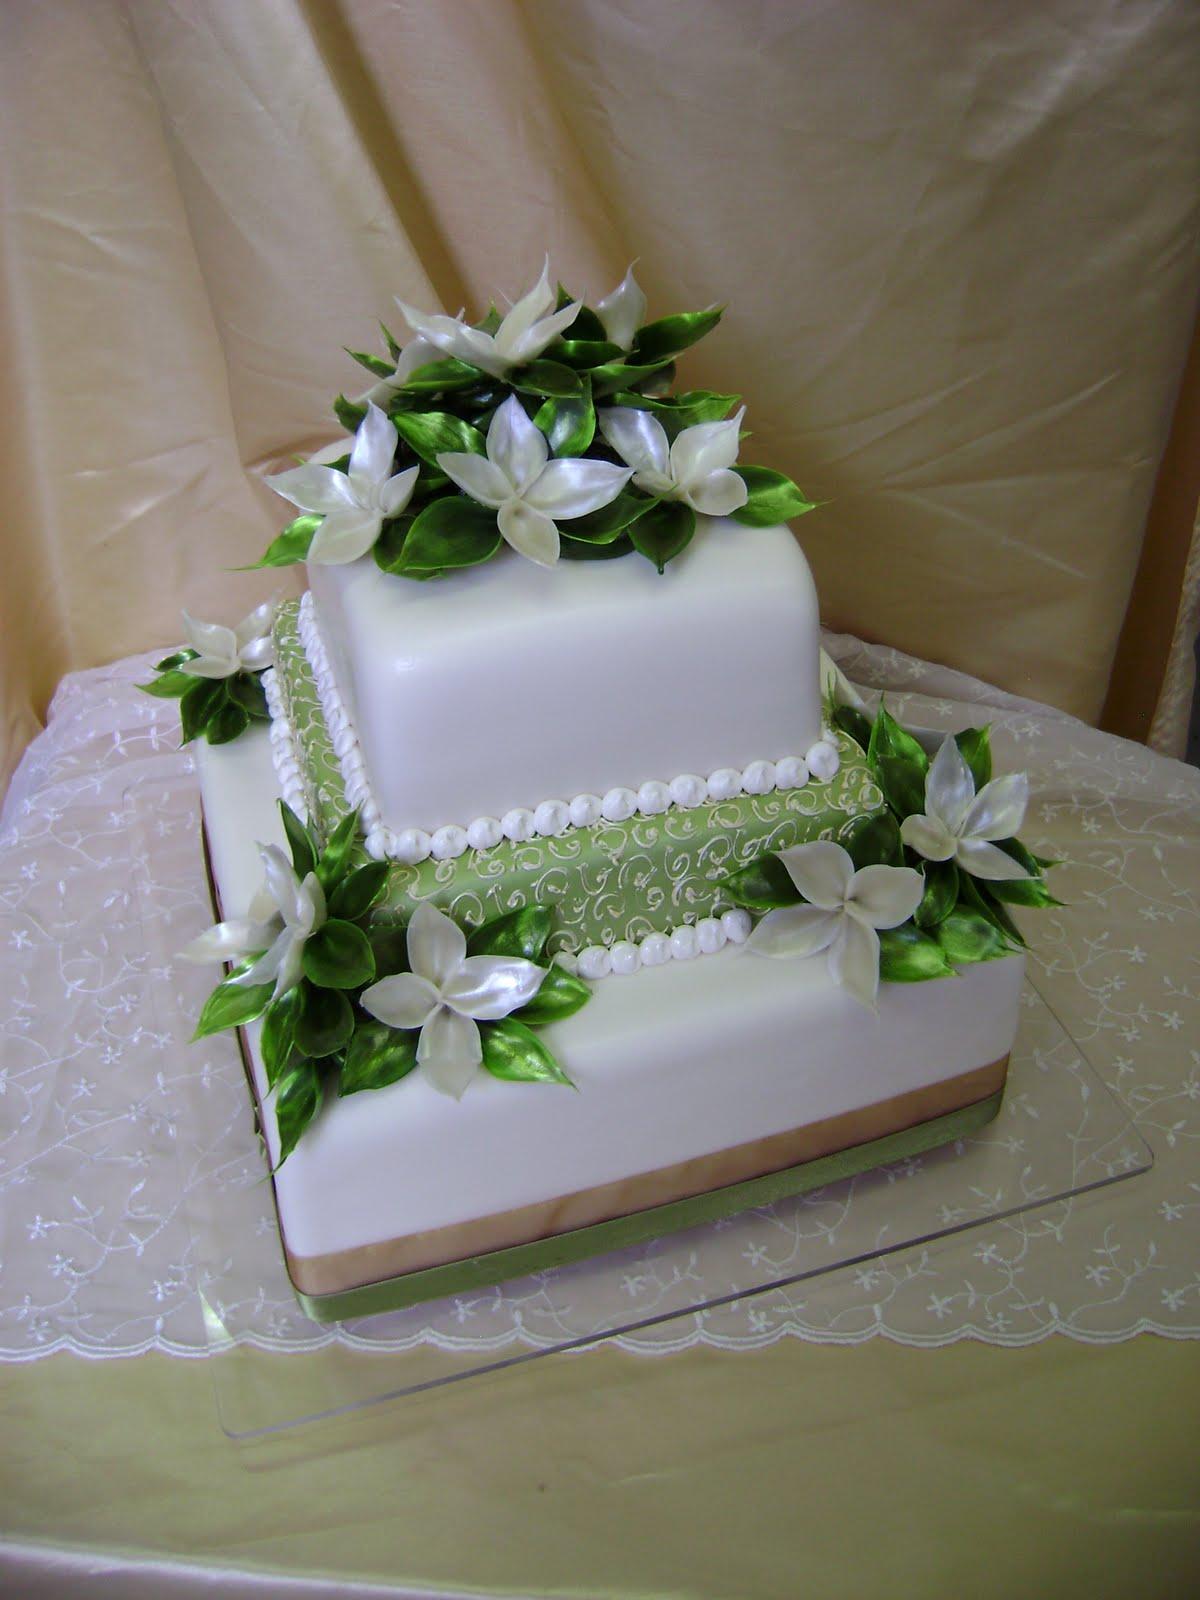 torta 233s karamell z214ldes 193rnyalat218 menyasszonyi torta